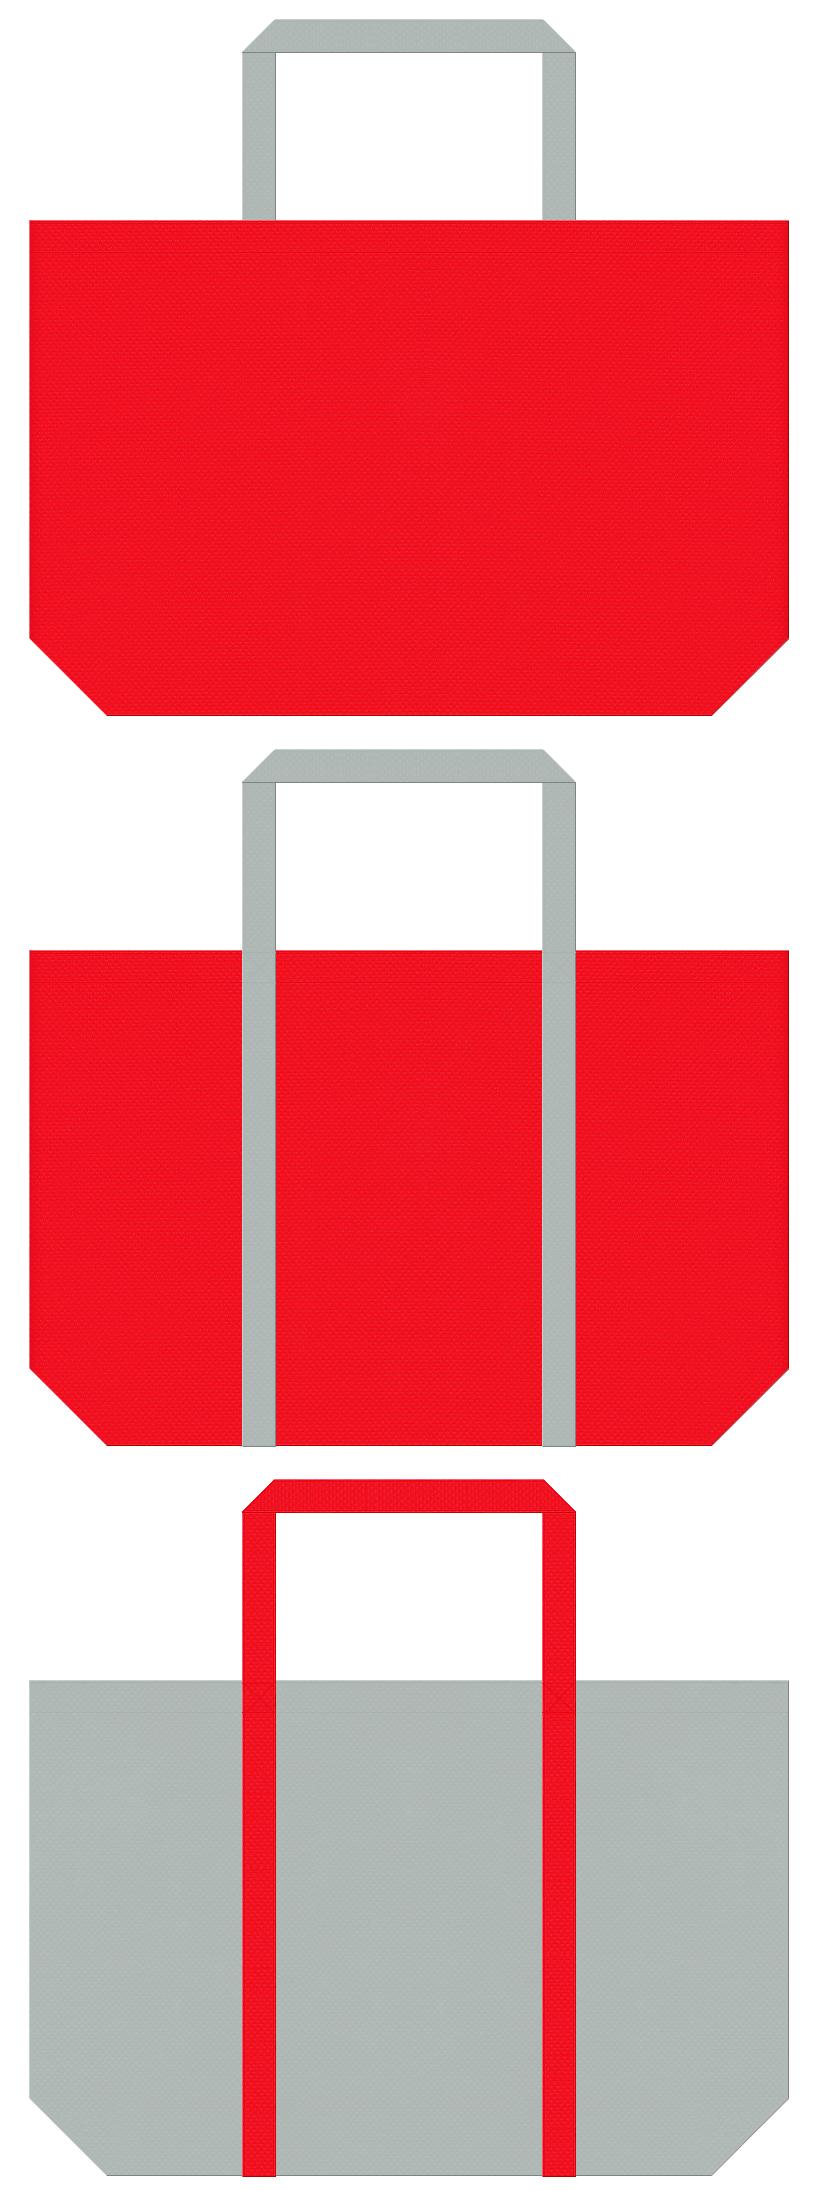 ロボット・プラモデル・ラジコン・フィギュア・ホビーのショッピングバッグ・福袋にお奨めの不織布バッグデザイン:赤色とグレー色のコーデ